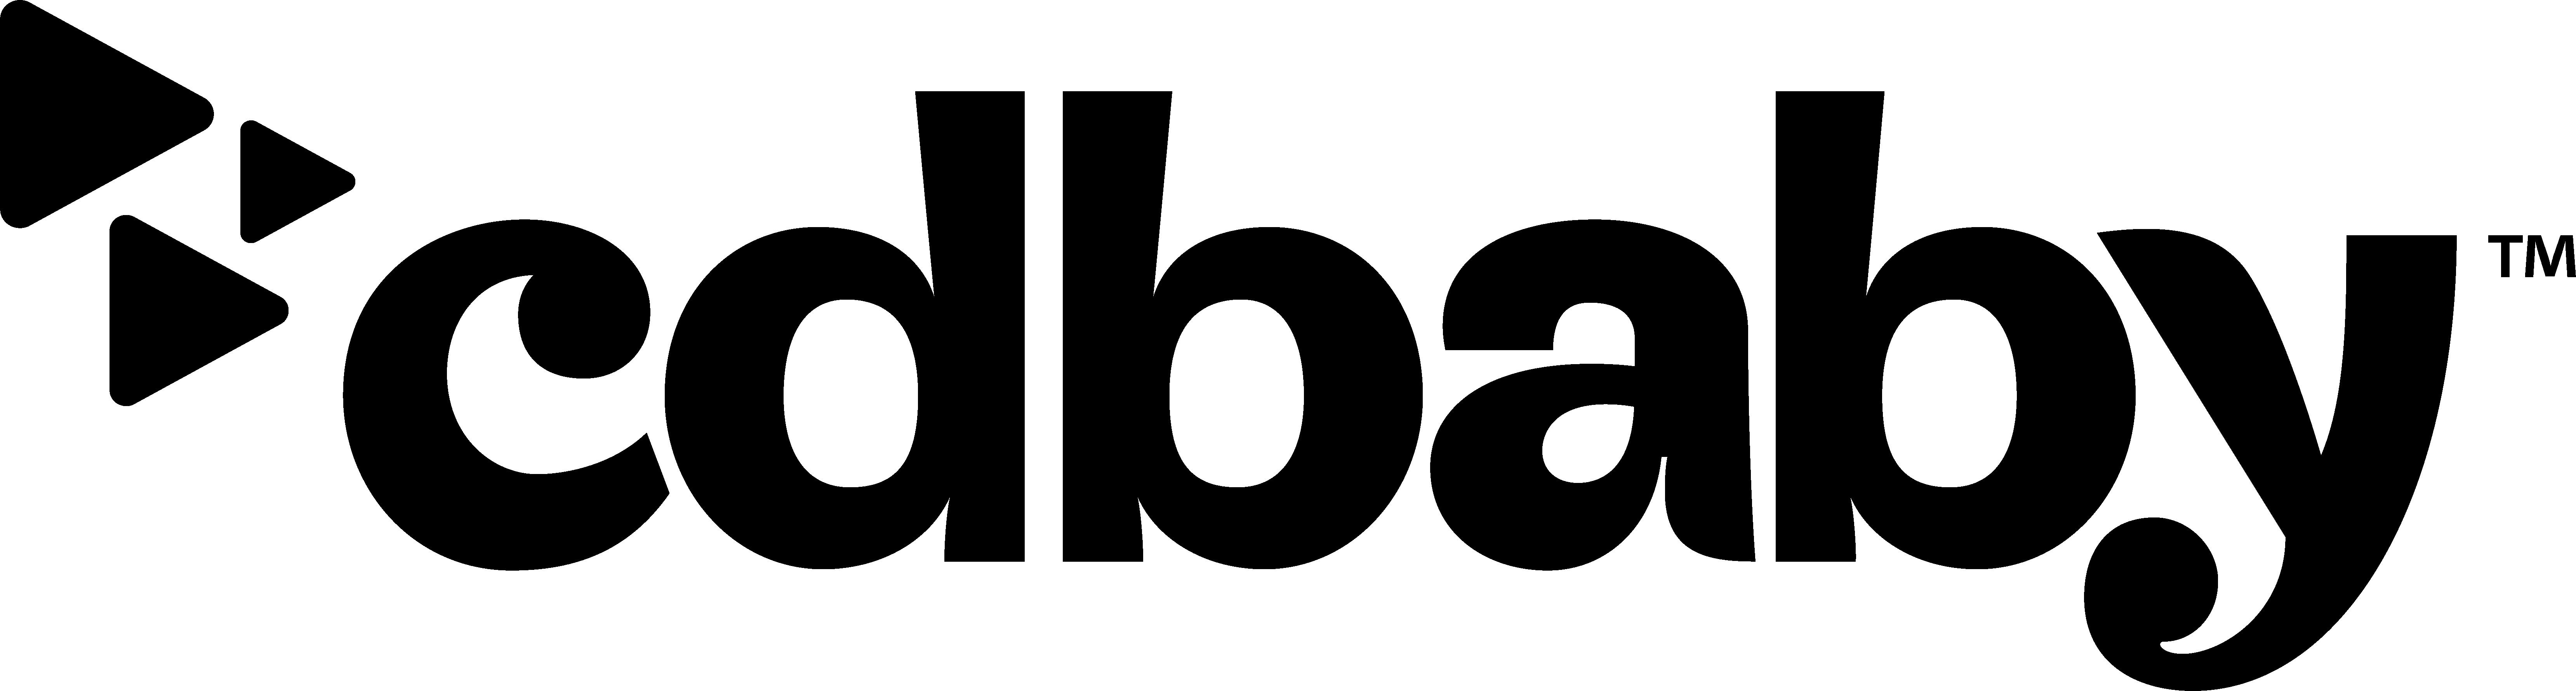 cdbaby distribuidora